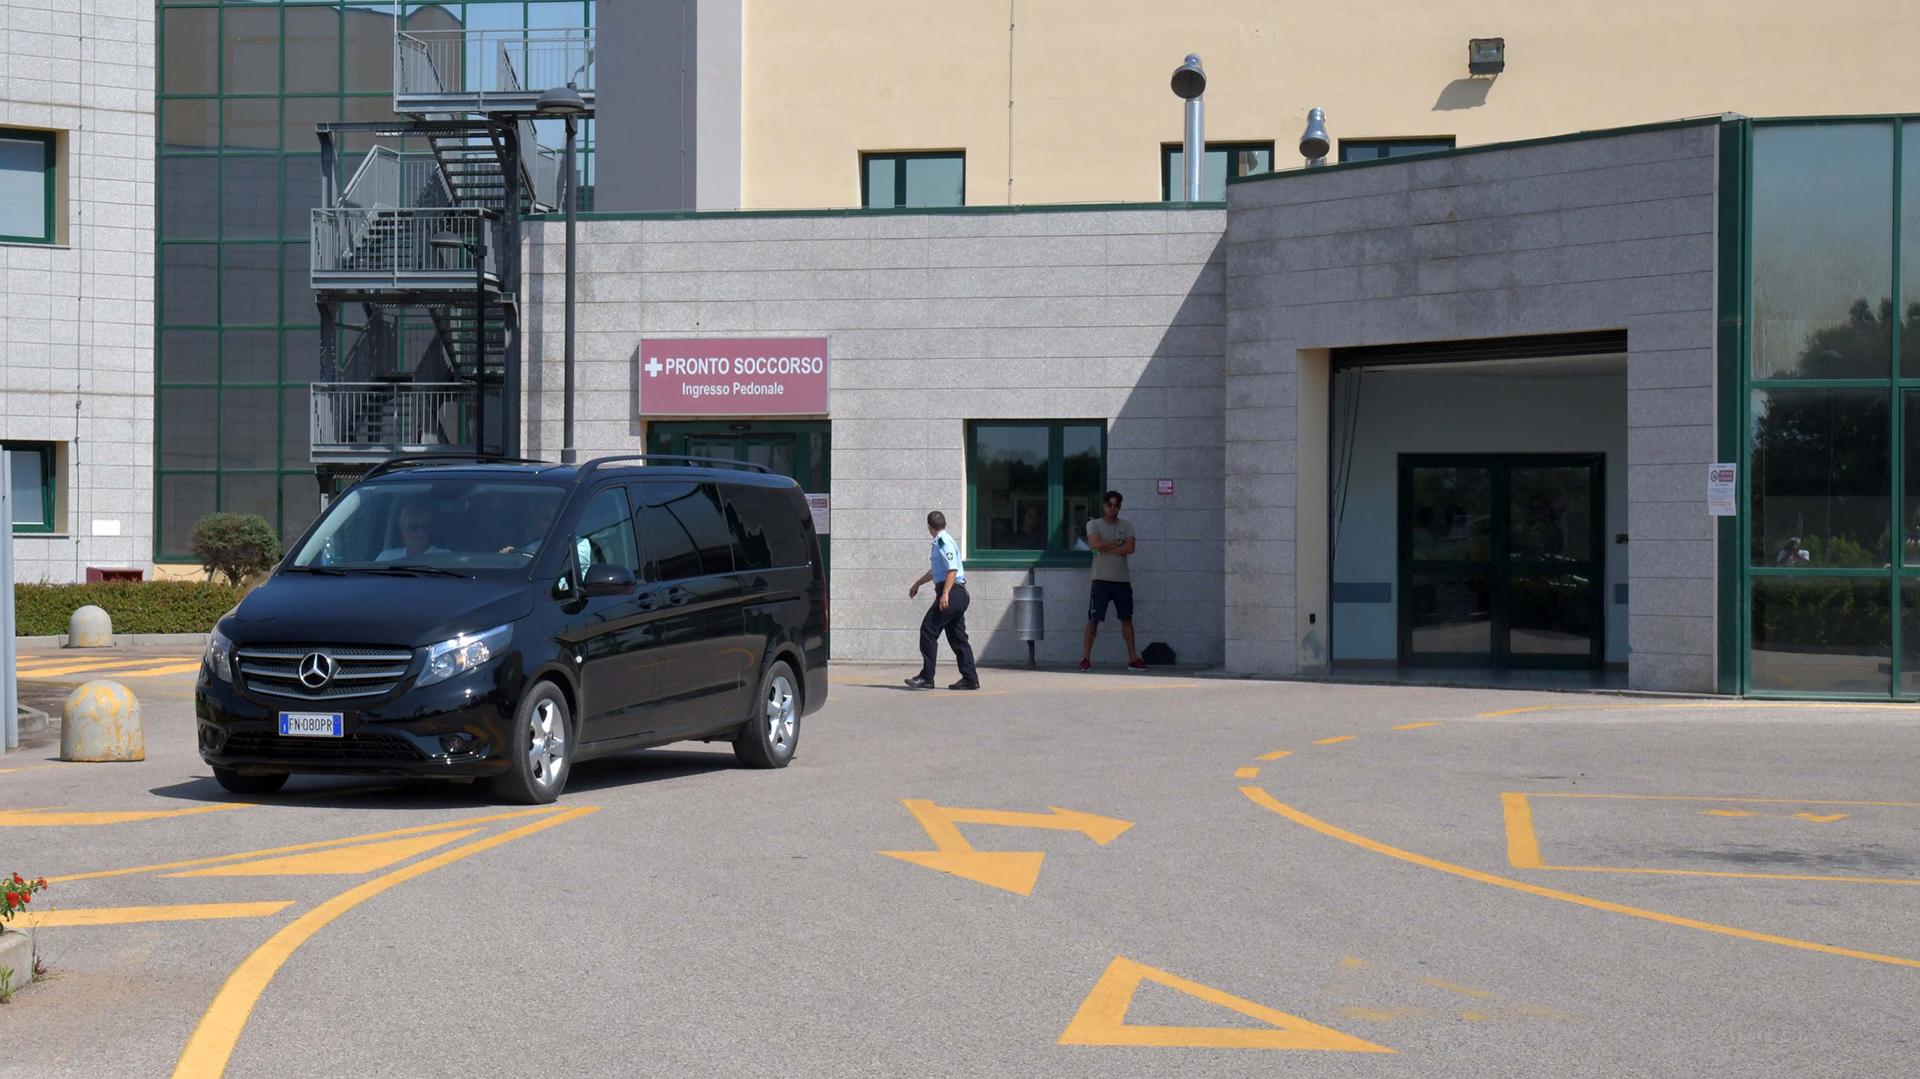 La entrada del hospital Juan Pablo II de Costa Corallina, Puntaldia, donde fue trasladado el actor.